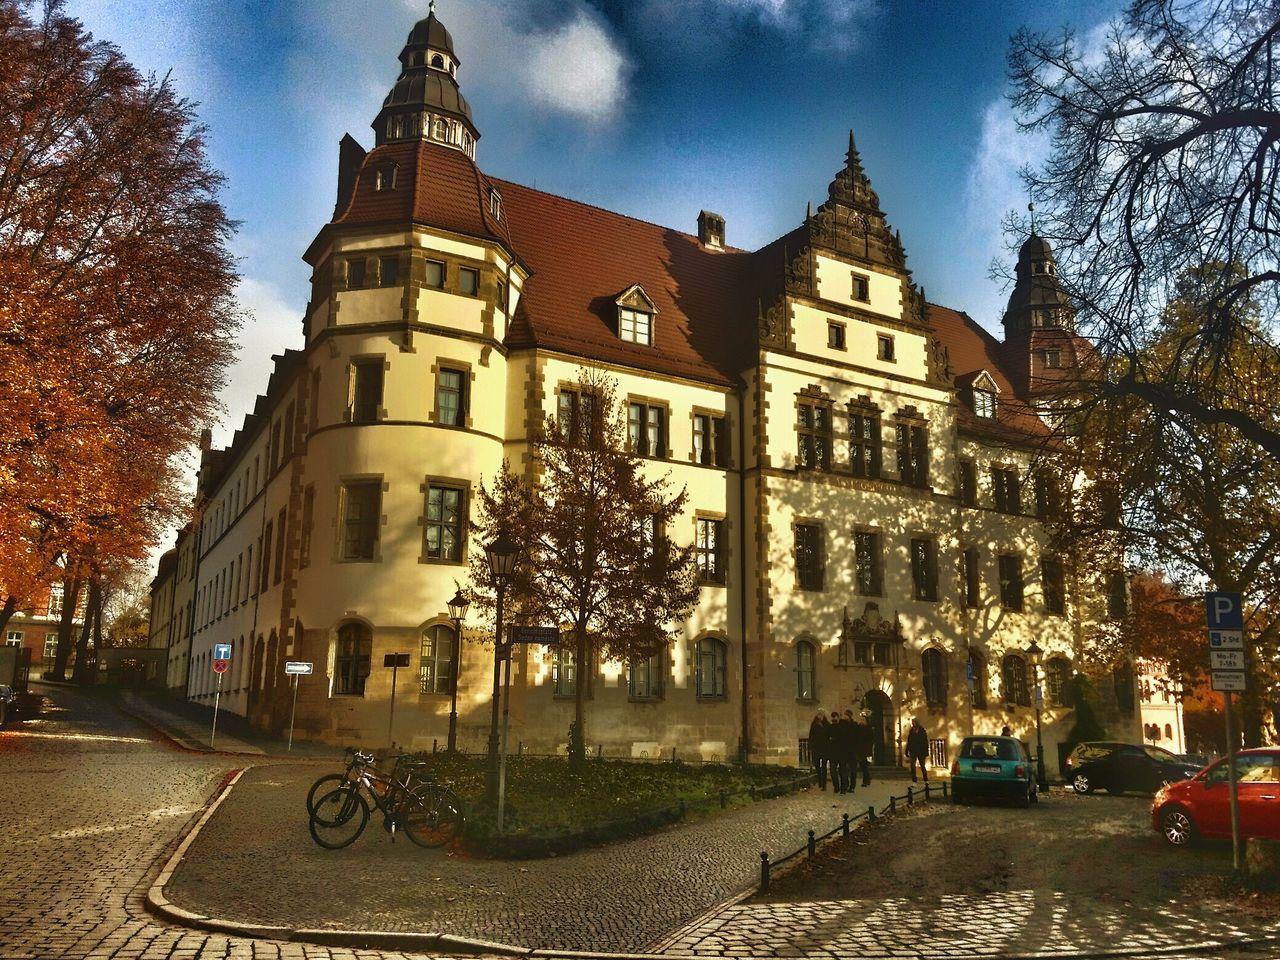 Amtsgericht Courthouse Altmarkt Outdoors Cottbus No People Day Cloud - Sky City